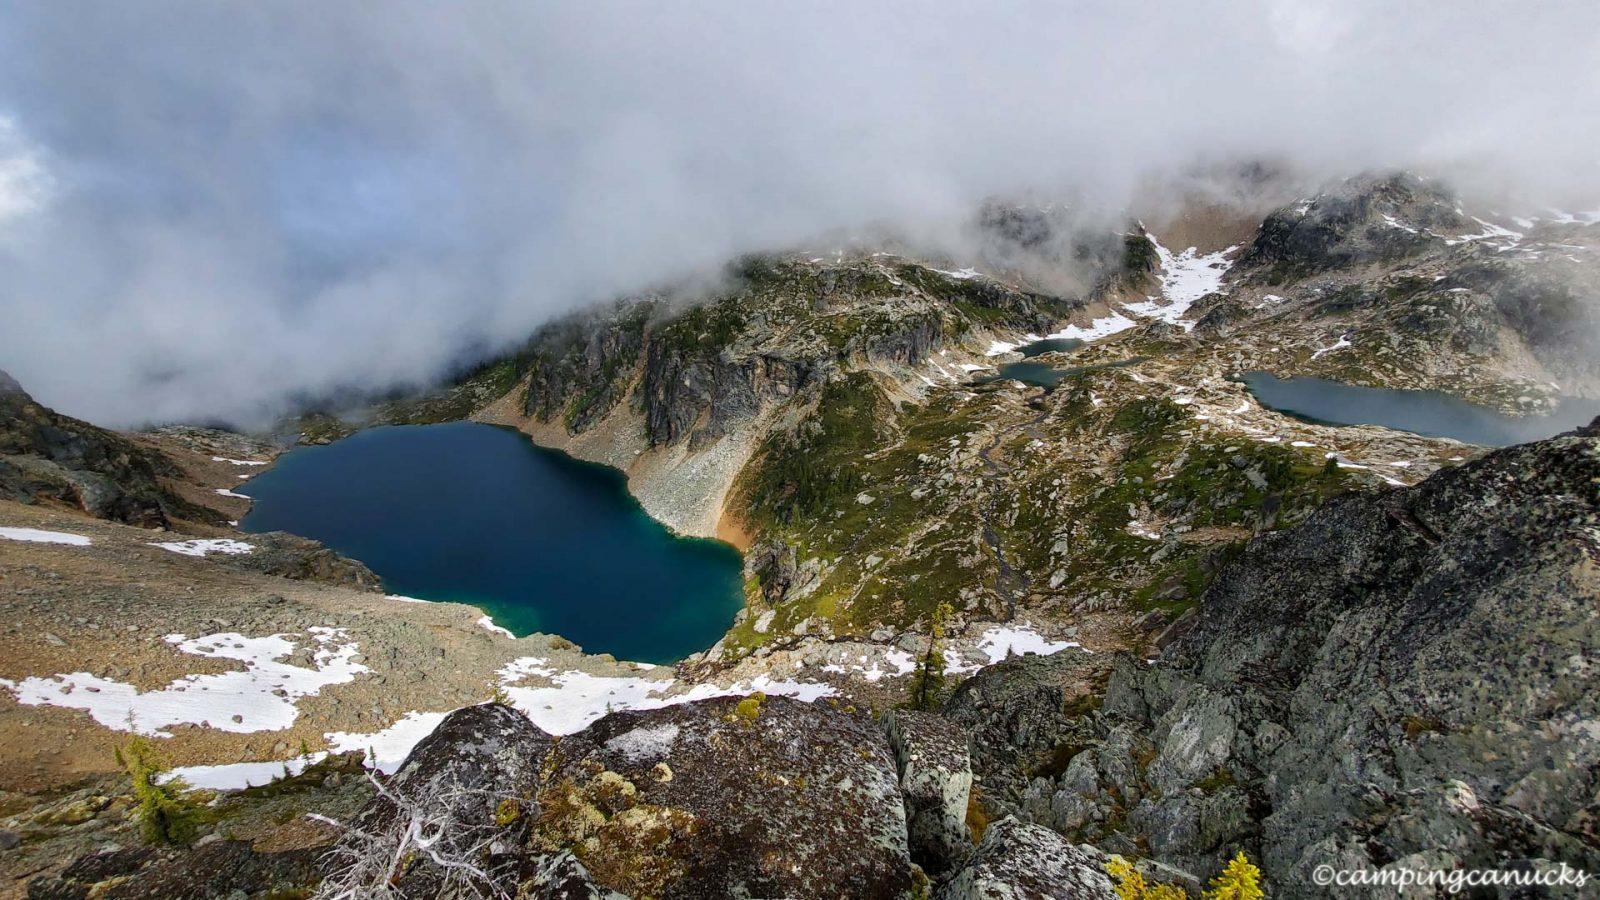 The alpine lakes